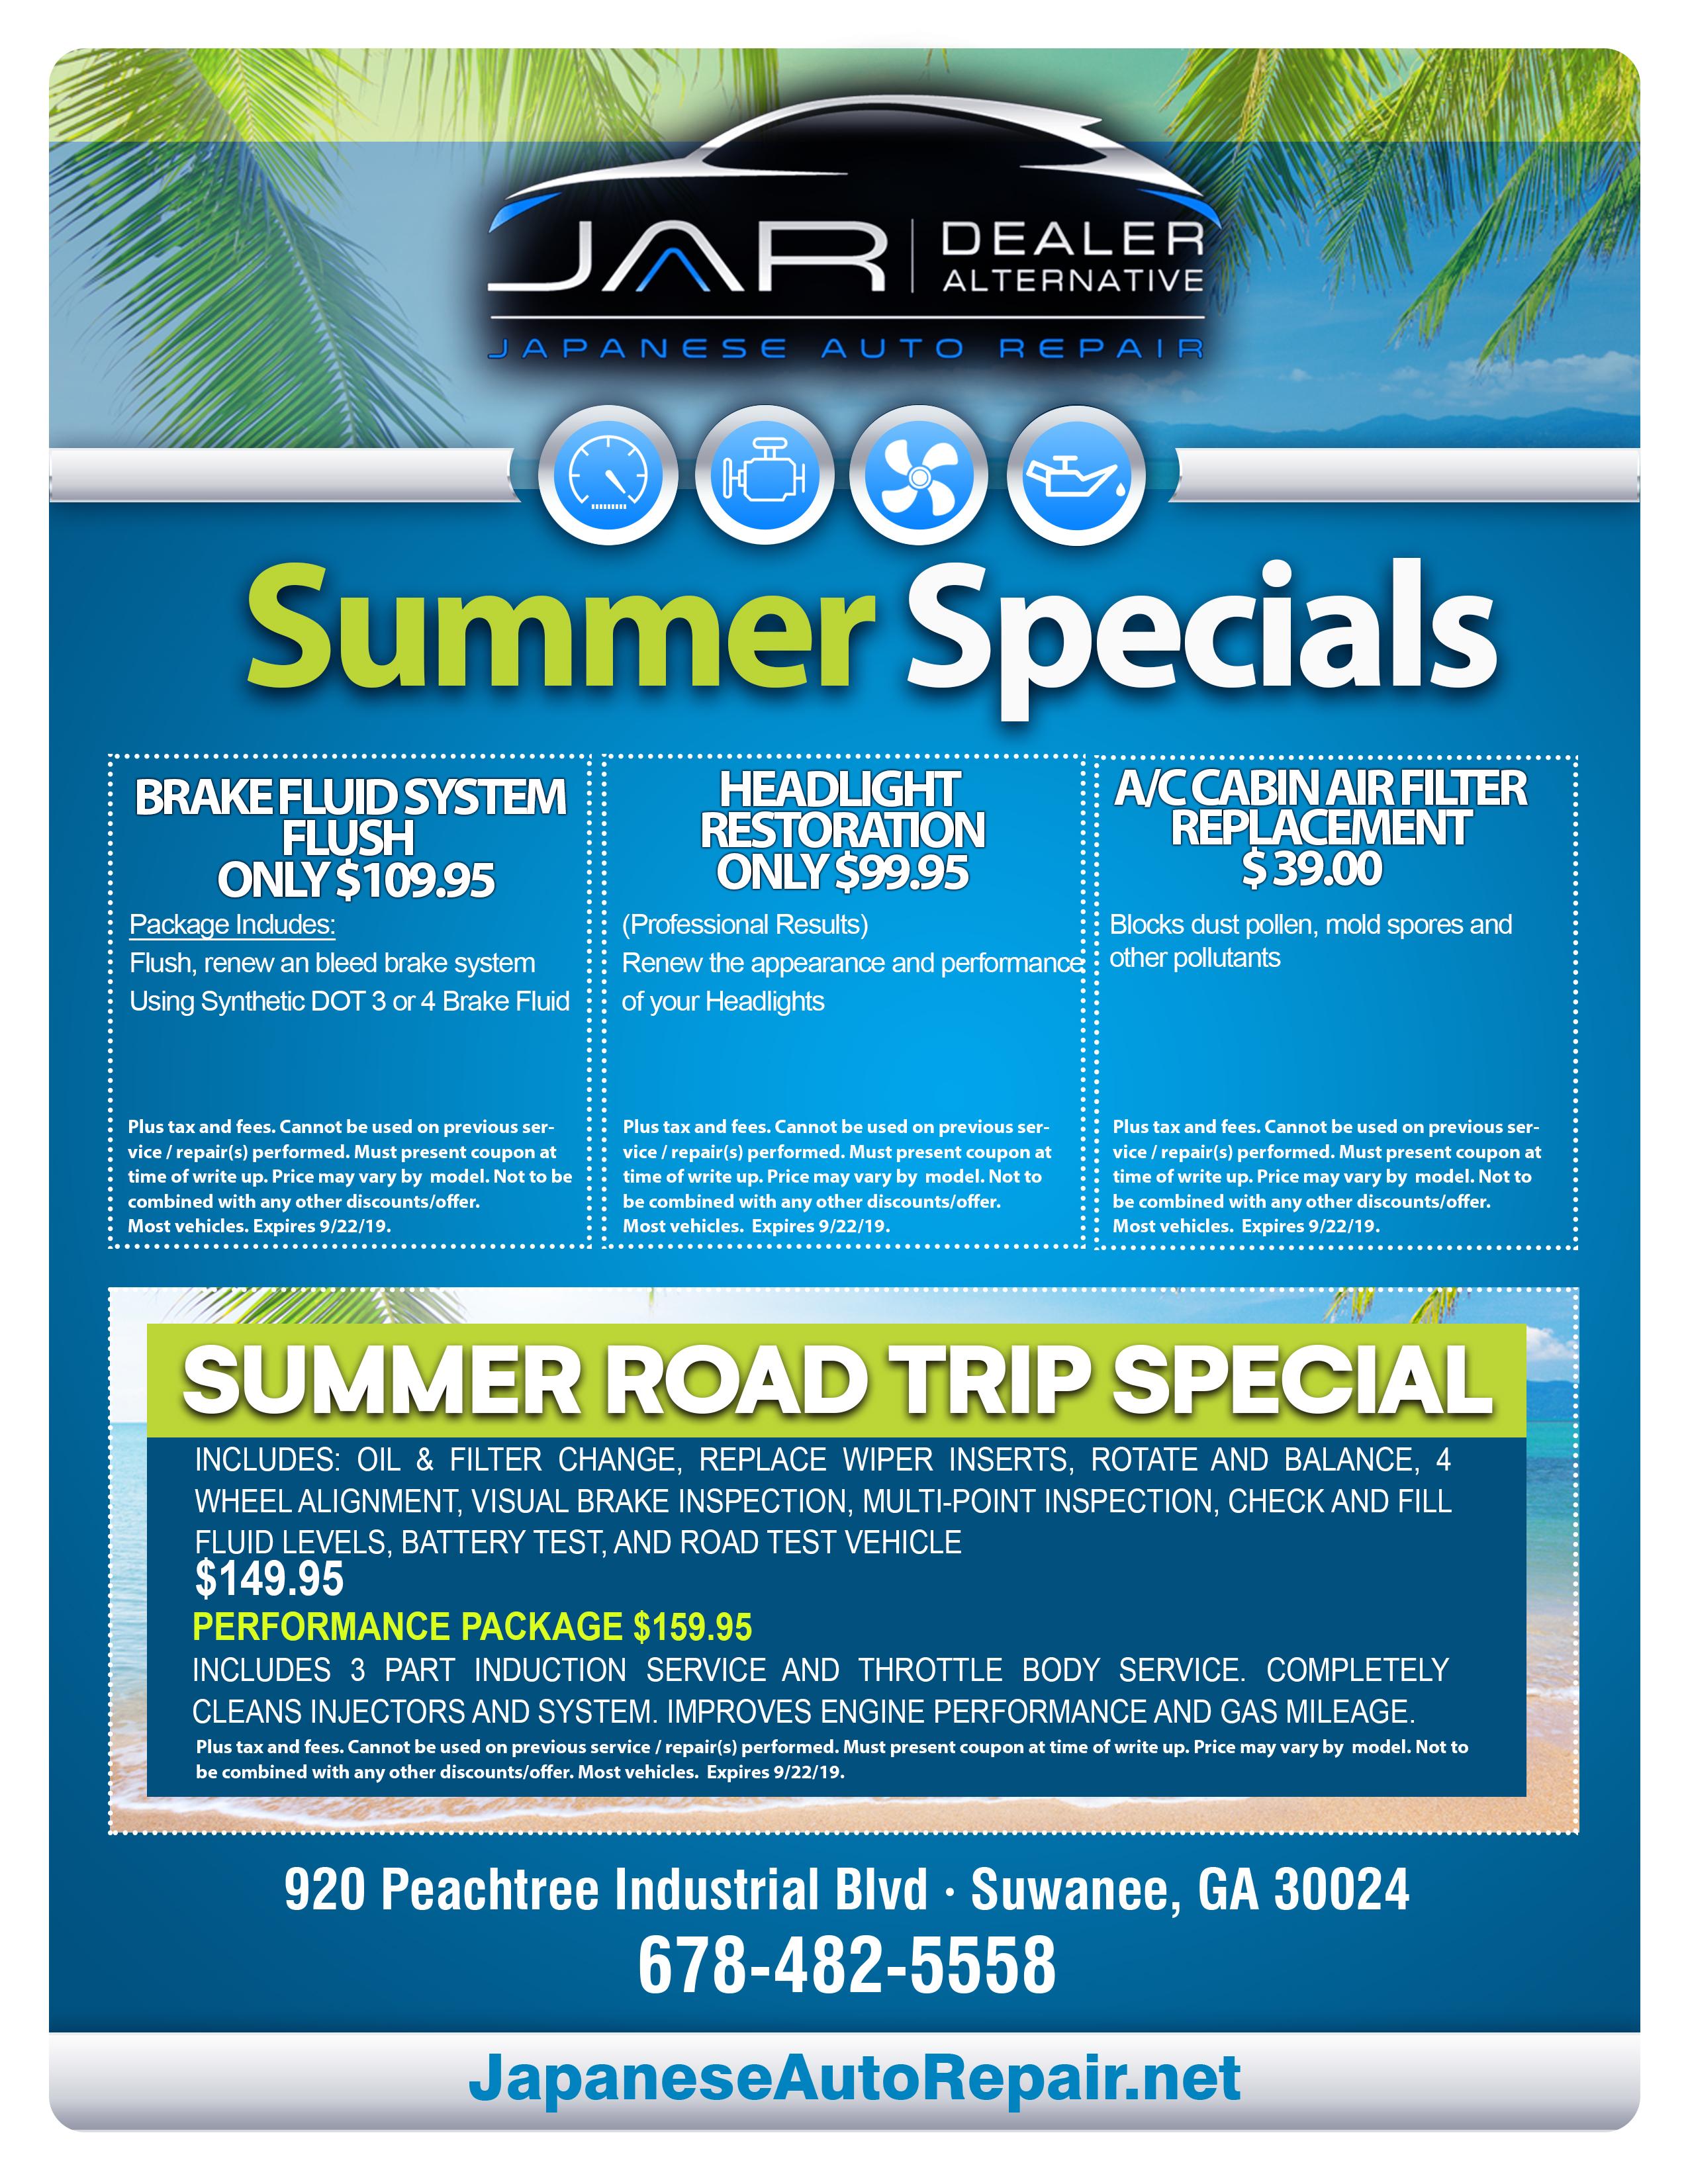 JAR_Summer_Specials_1